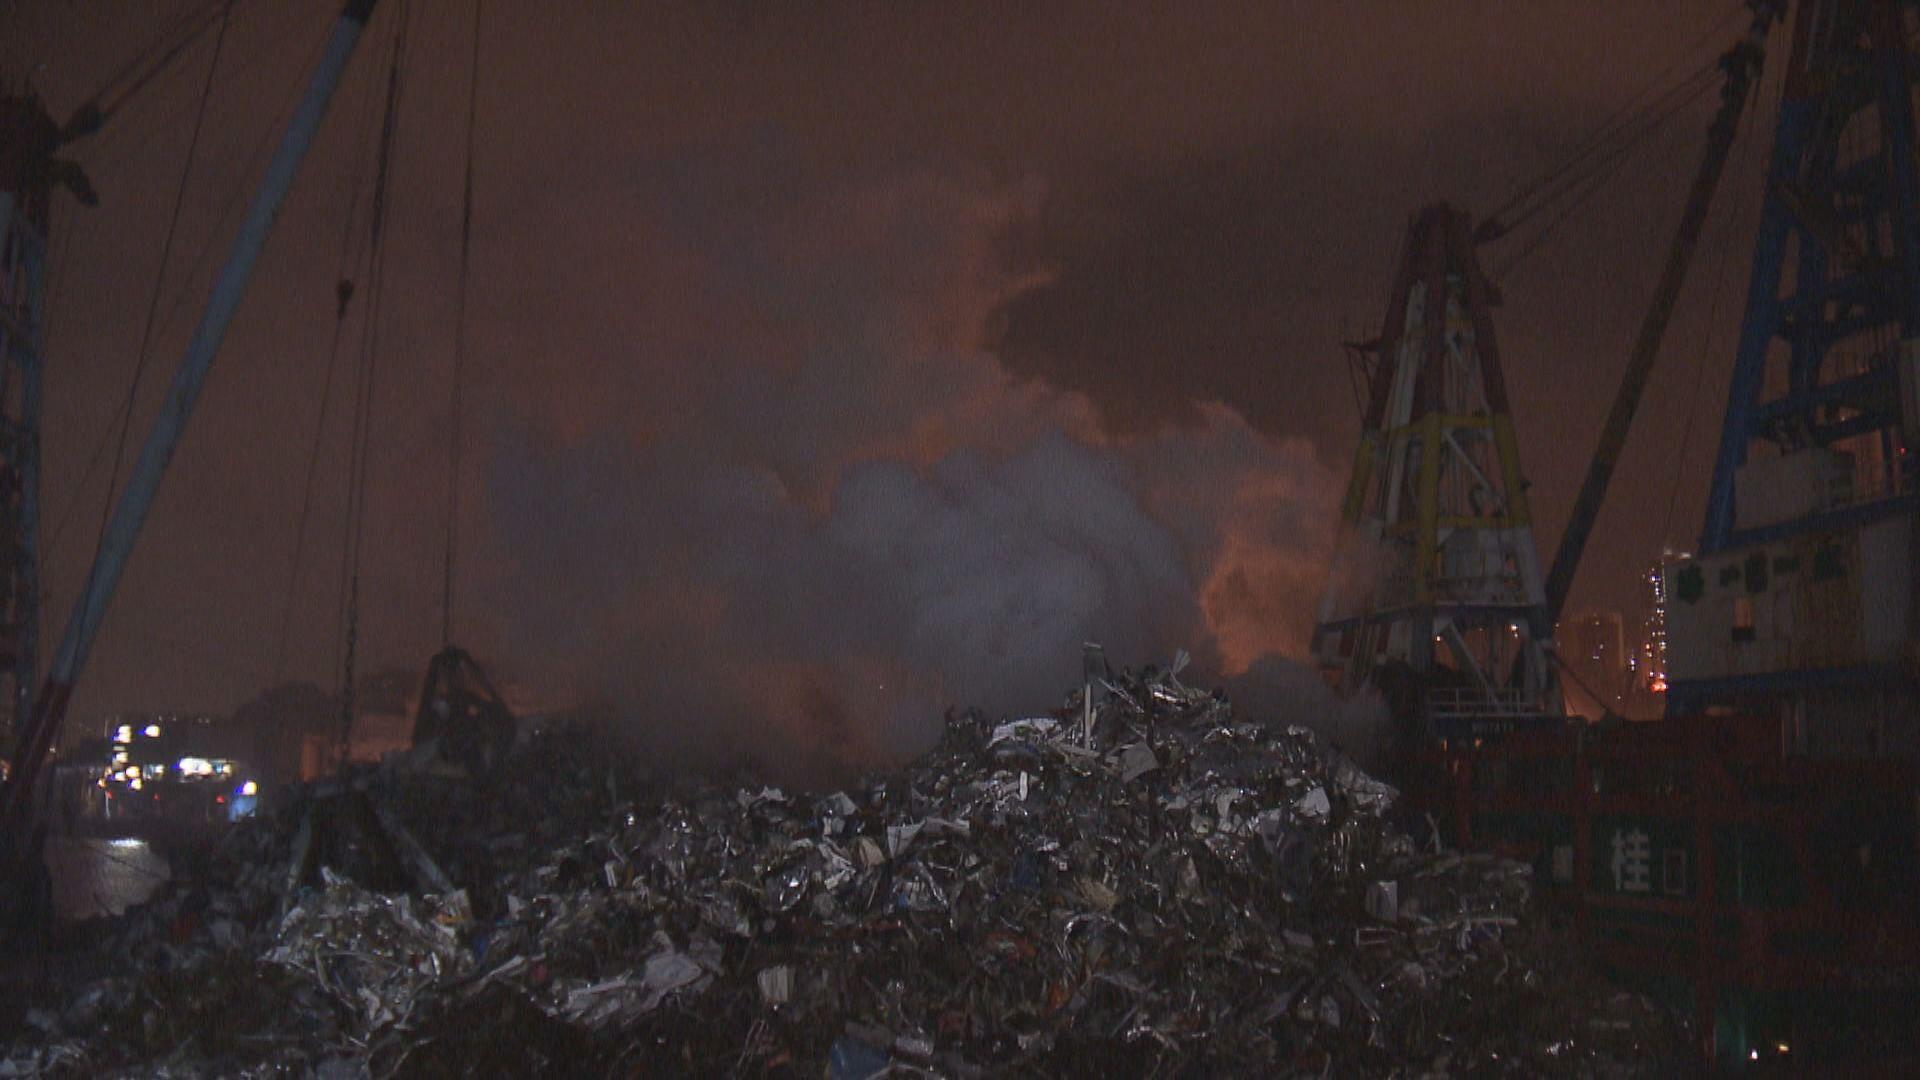 油塘物料回收躉船起火無人傷